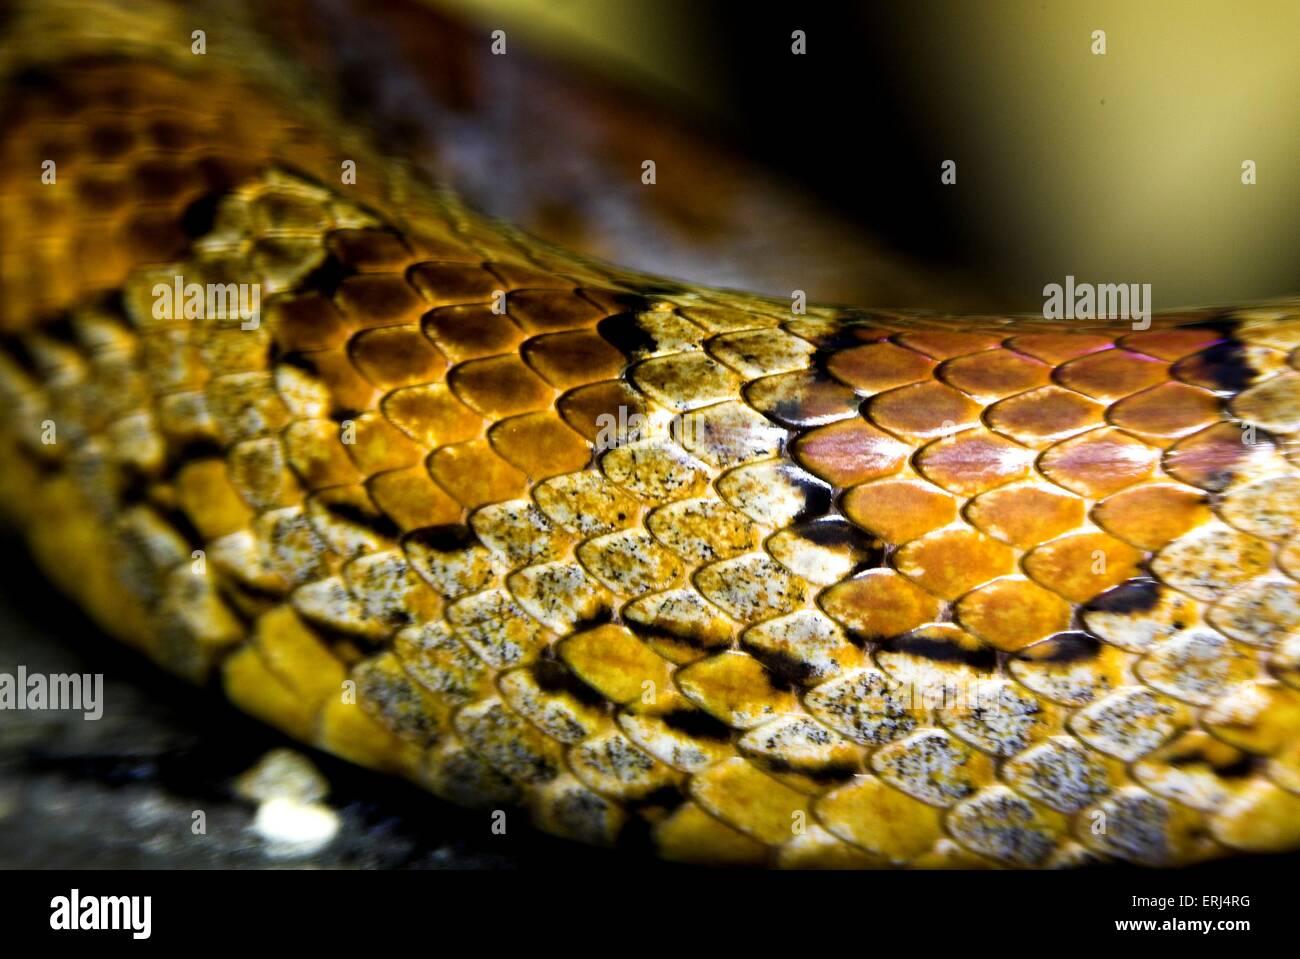 serpiente de maíz Imagen De Stock